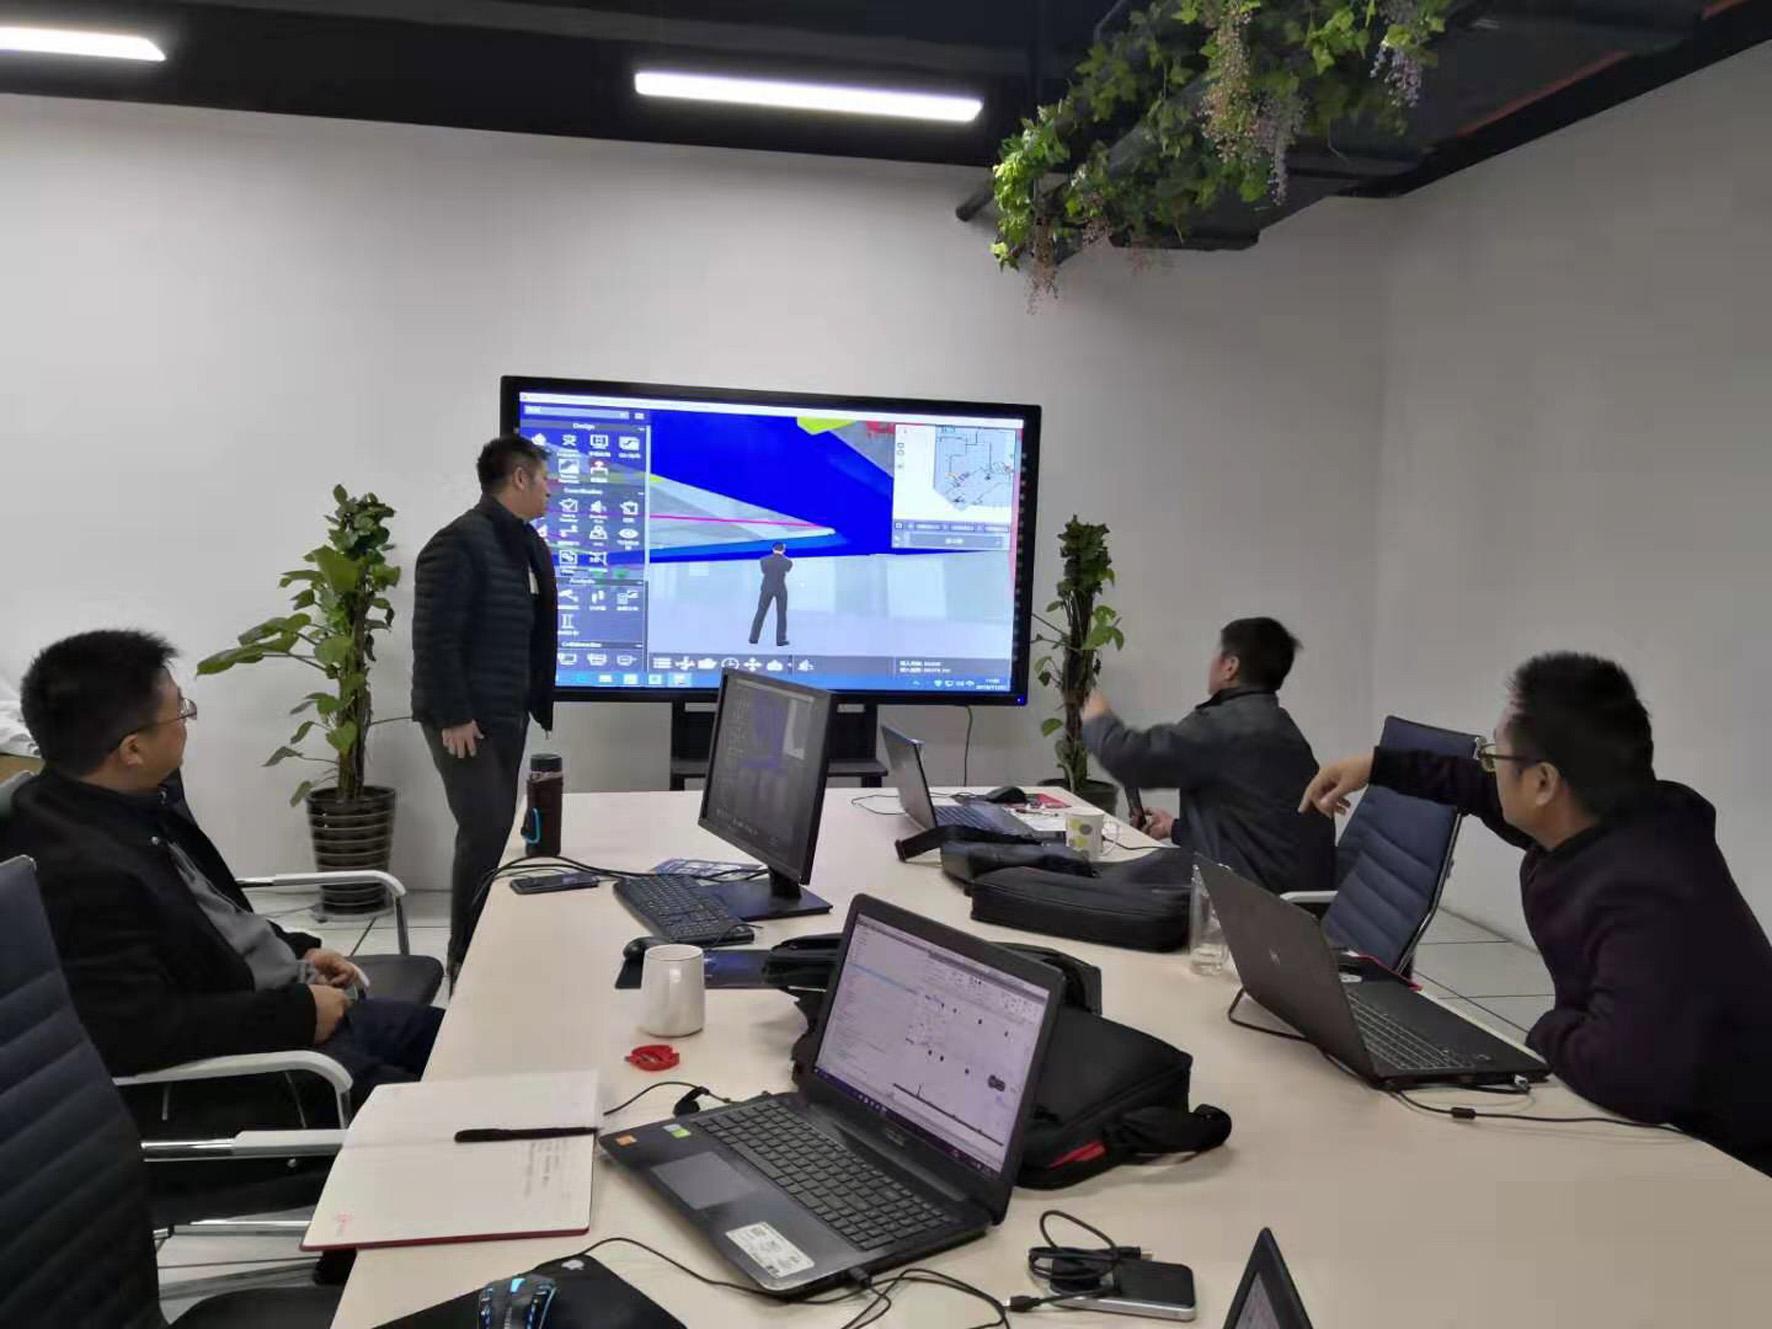 扬州职大:聚焦建筑信息化技术推动行业转型发展